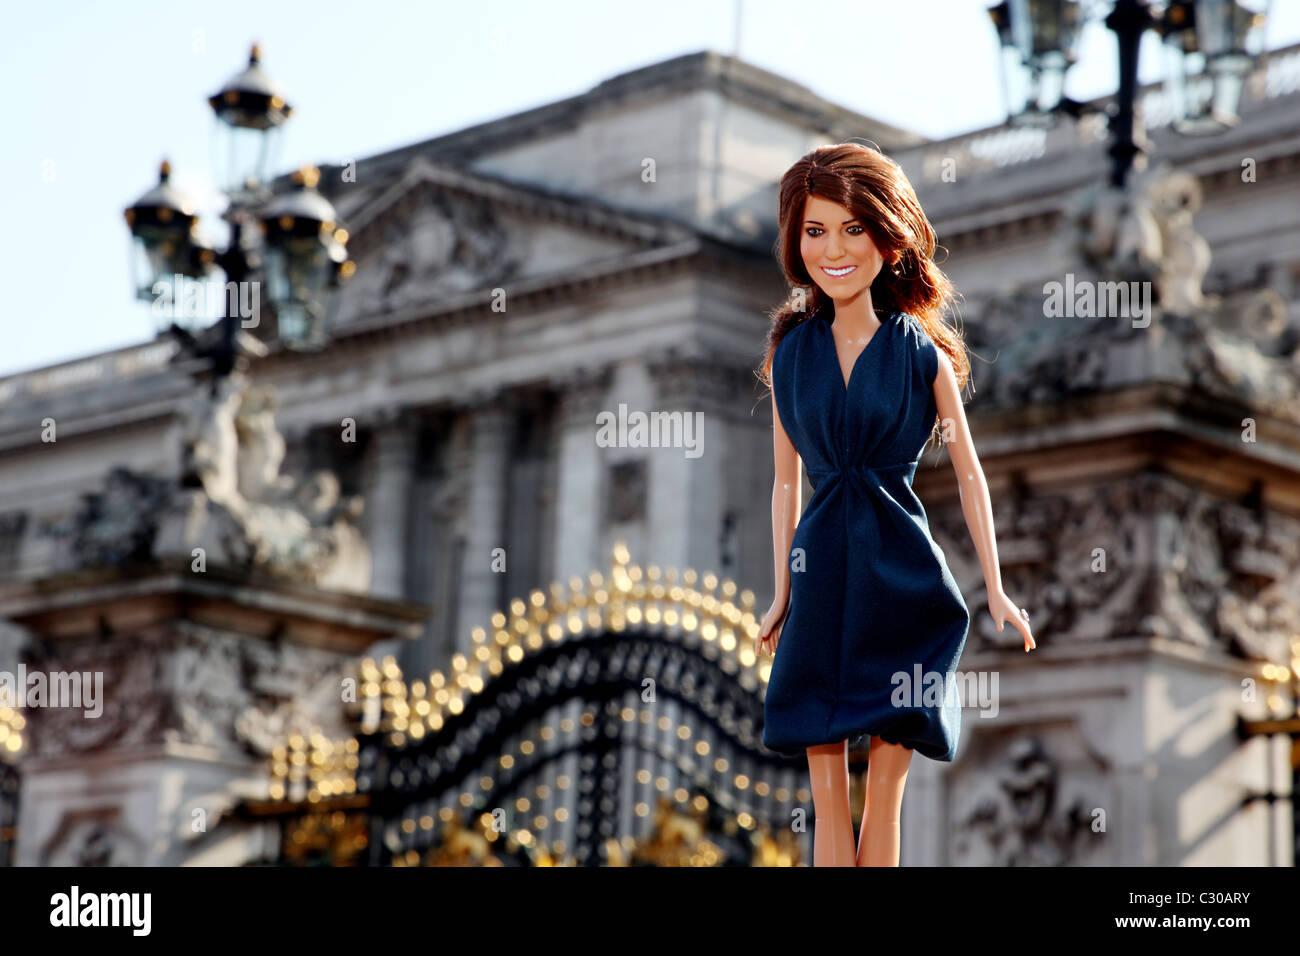 Kate Middleton, Princess Catherine, Duchess of Cambridge, Doll outside Buckingham Palace. - Stock Image